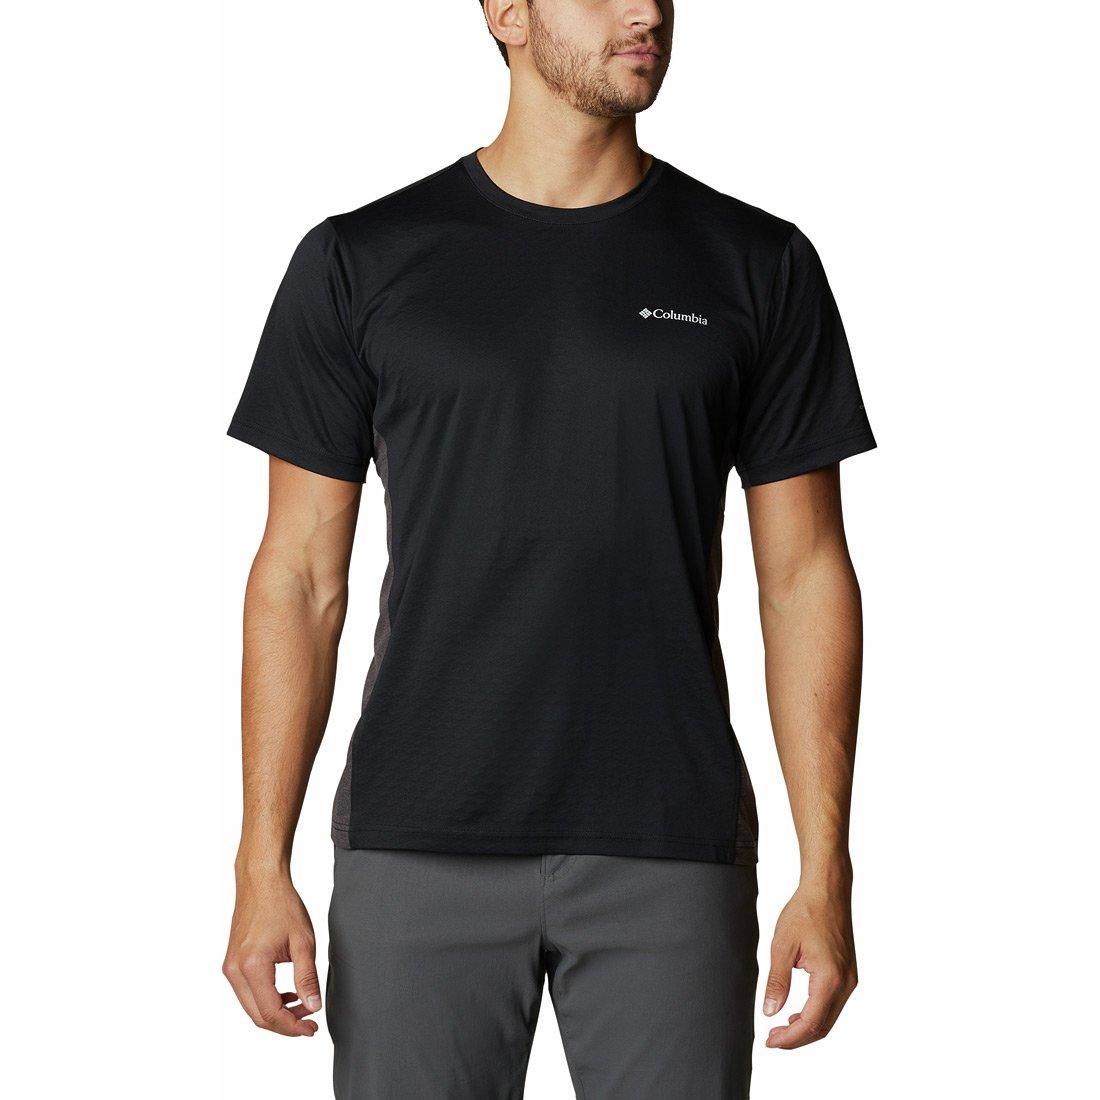 חולצה קצרה לגברים - M Zero Ice Cirro-cool S/S - Columbia